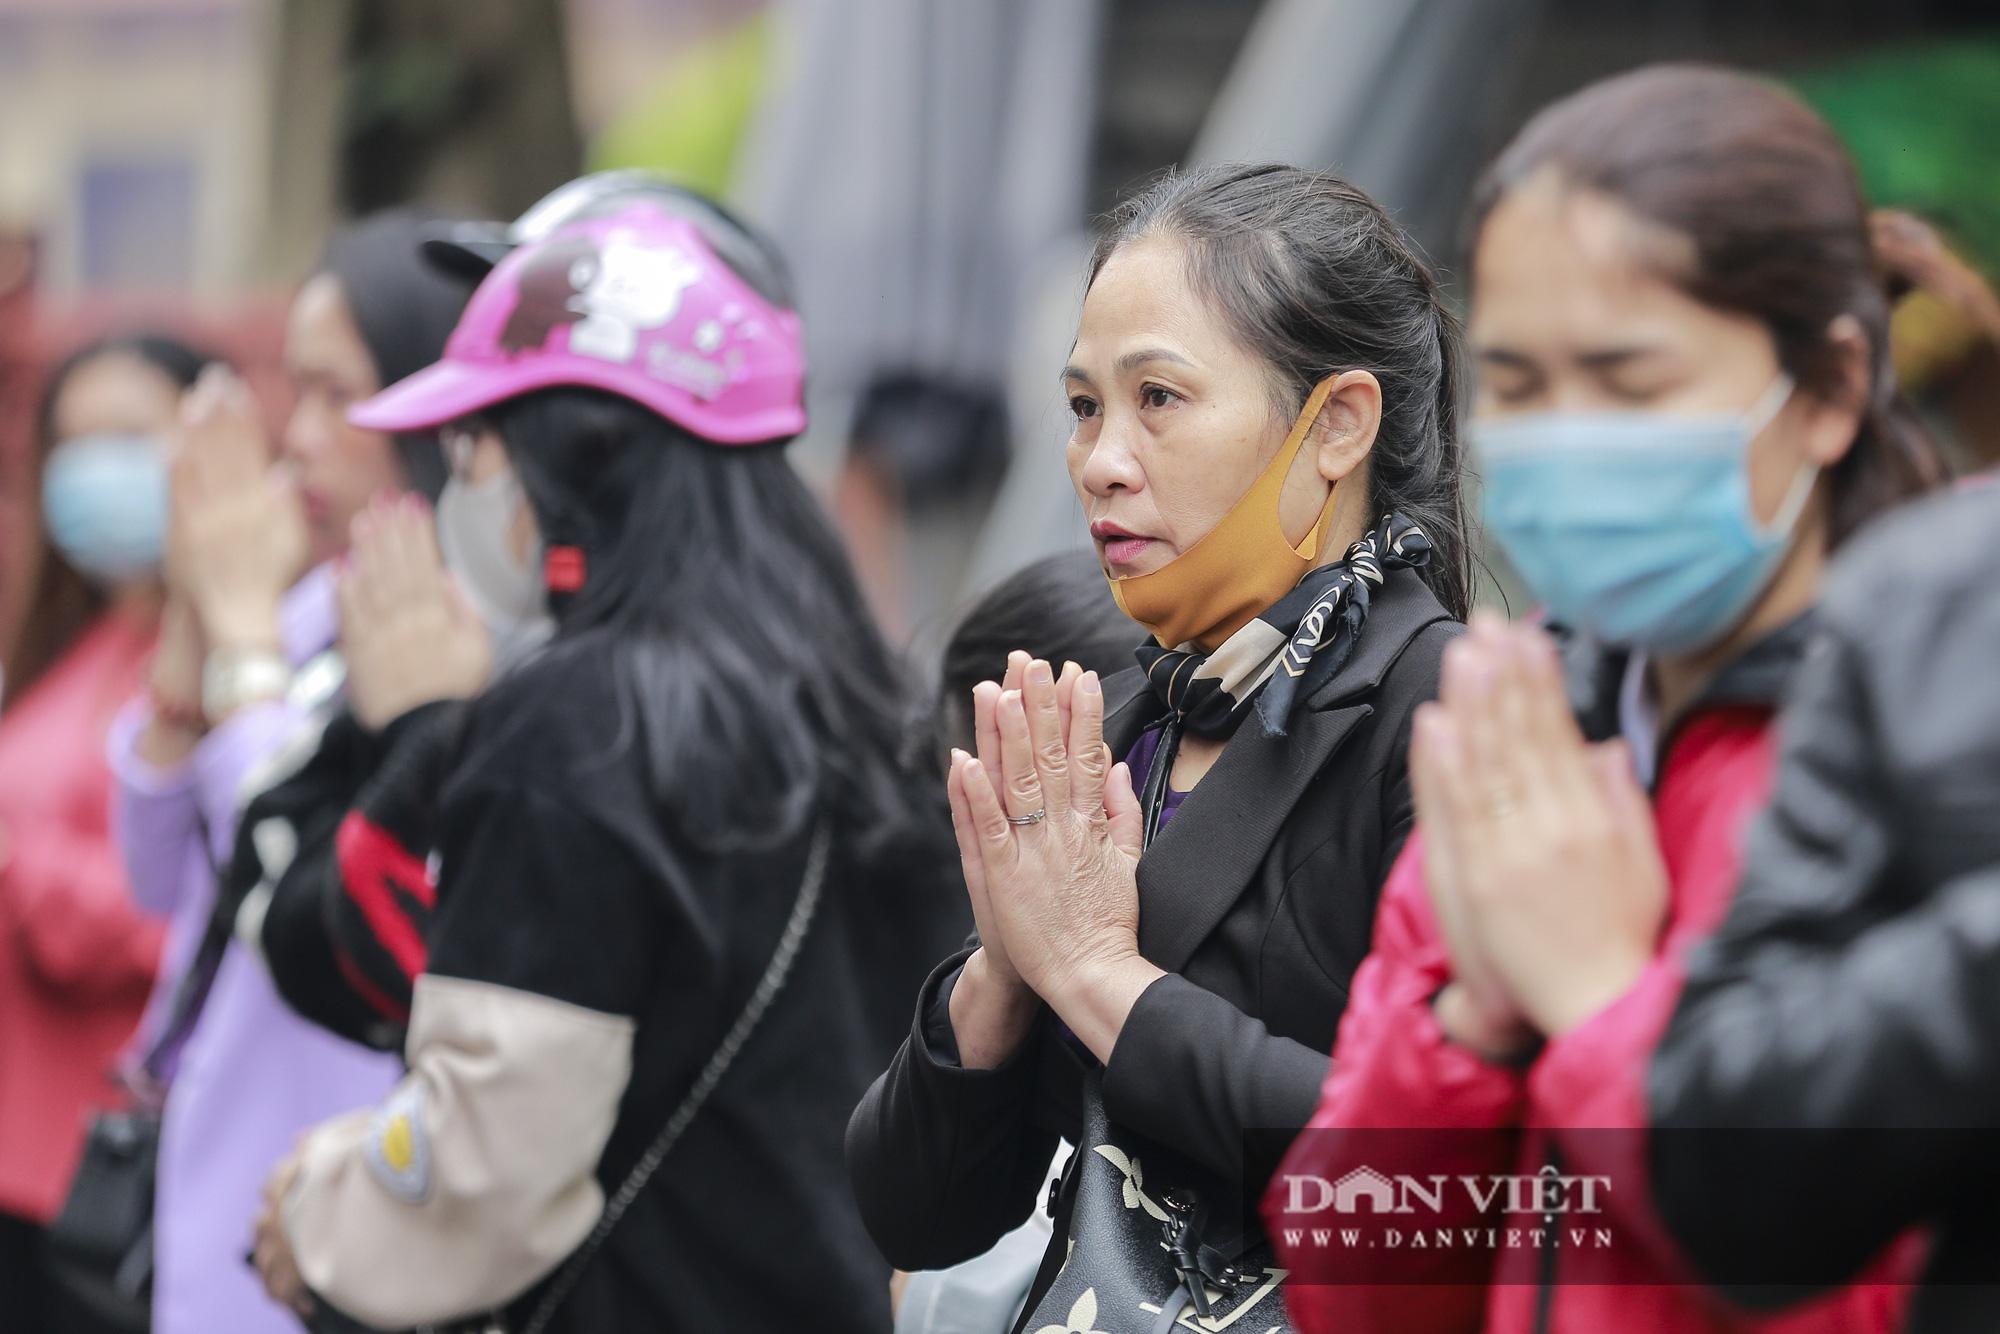 Công an gác cổng, người dân lập bàn vái vọng trước đền chùa ngày Rằm tháng Giêng - Ảnh 3.